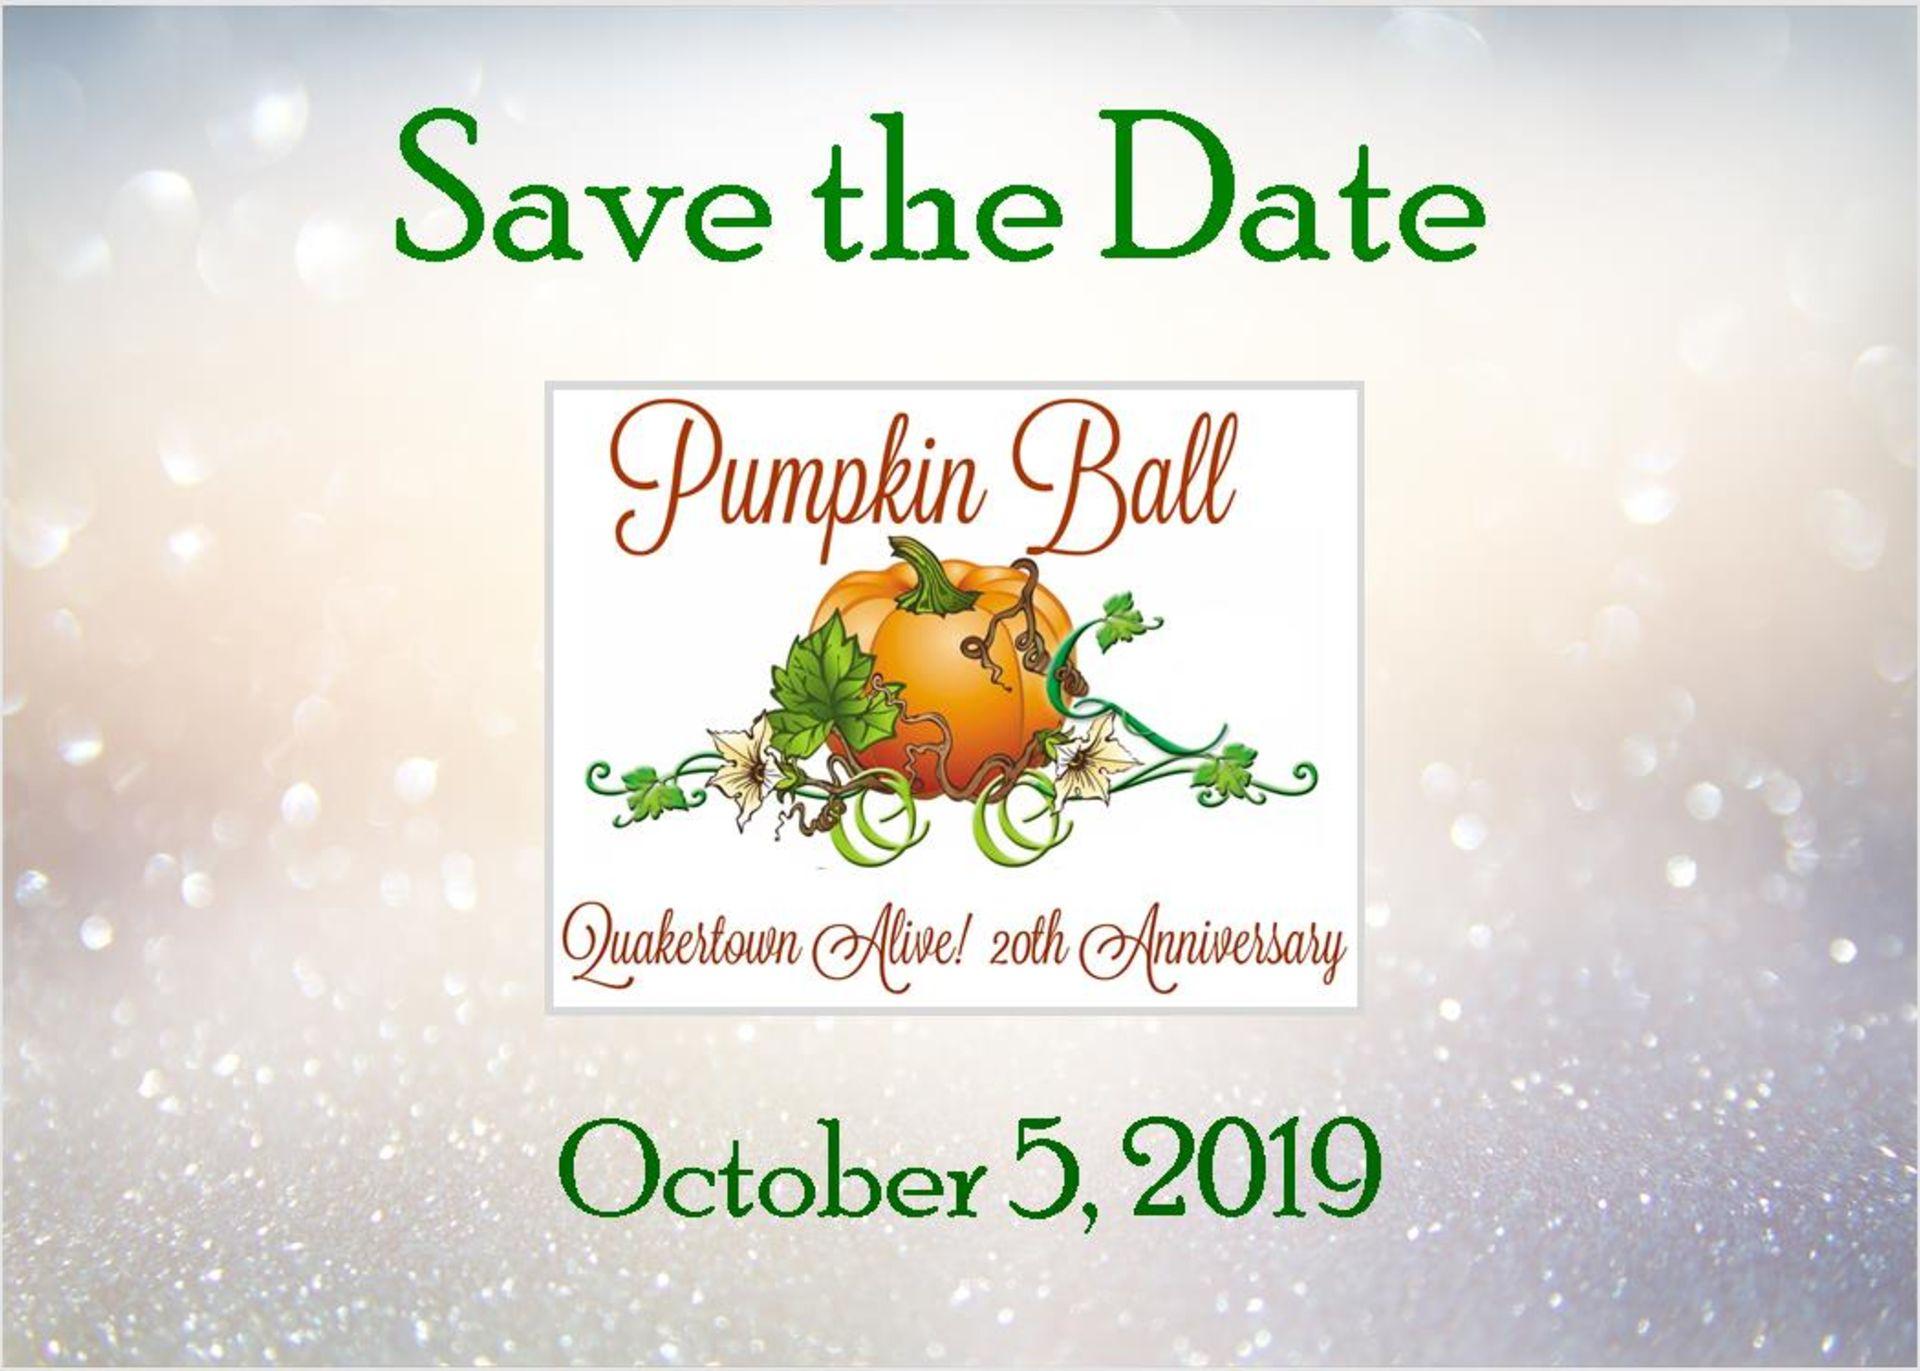 Pumpkin Ball Ticket Giveaway